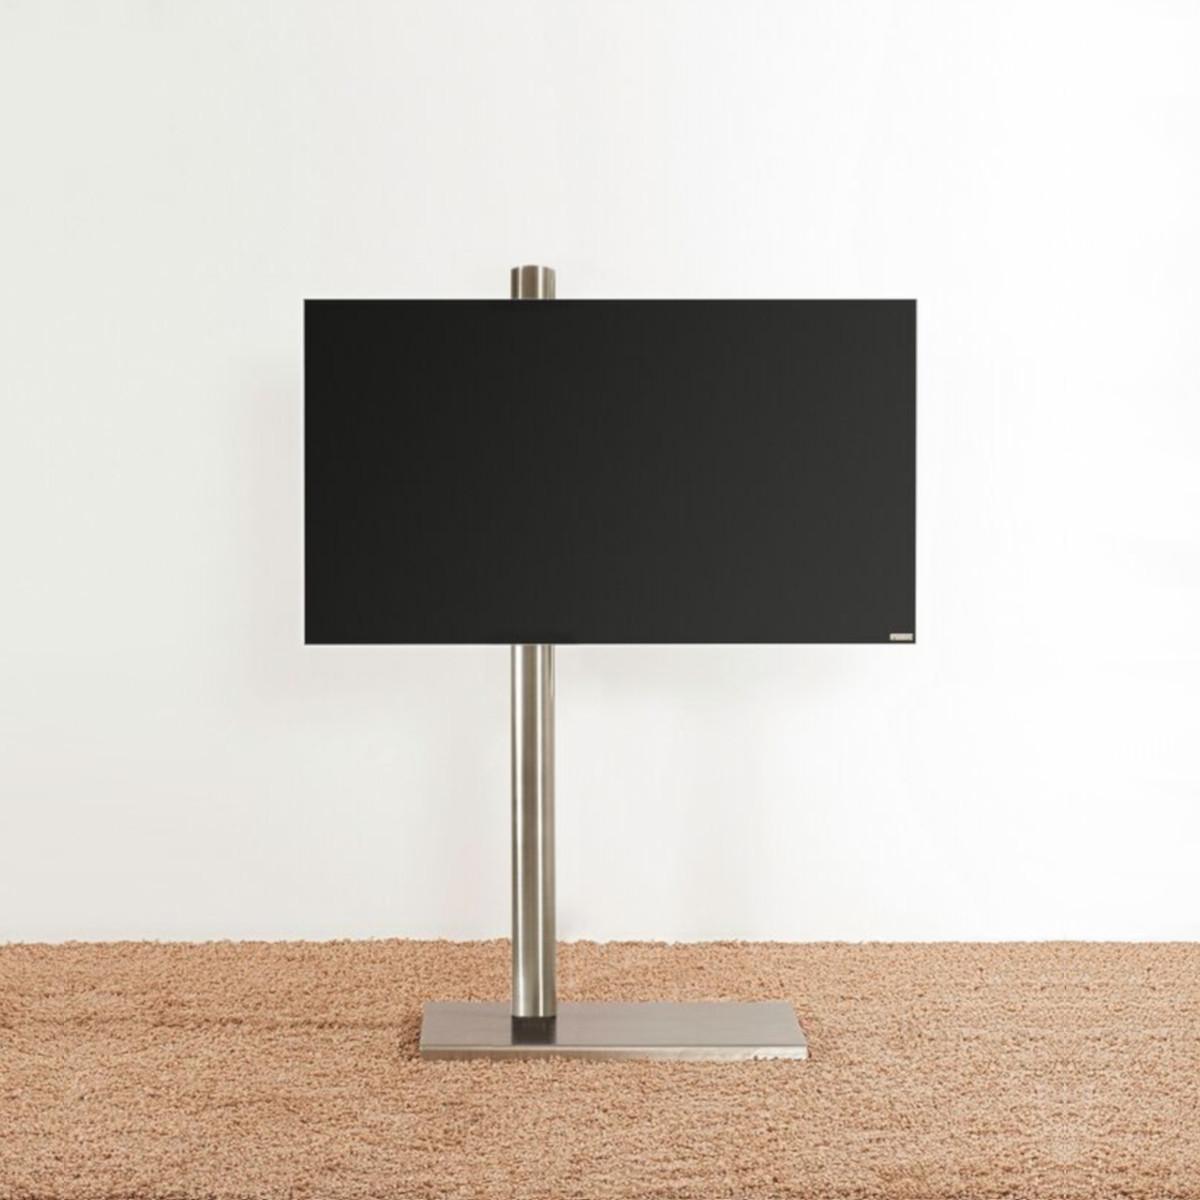 Model Column art. TV Ständer, schwenkbar und rollbar. Von Wissmann Raumobjekte